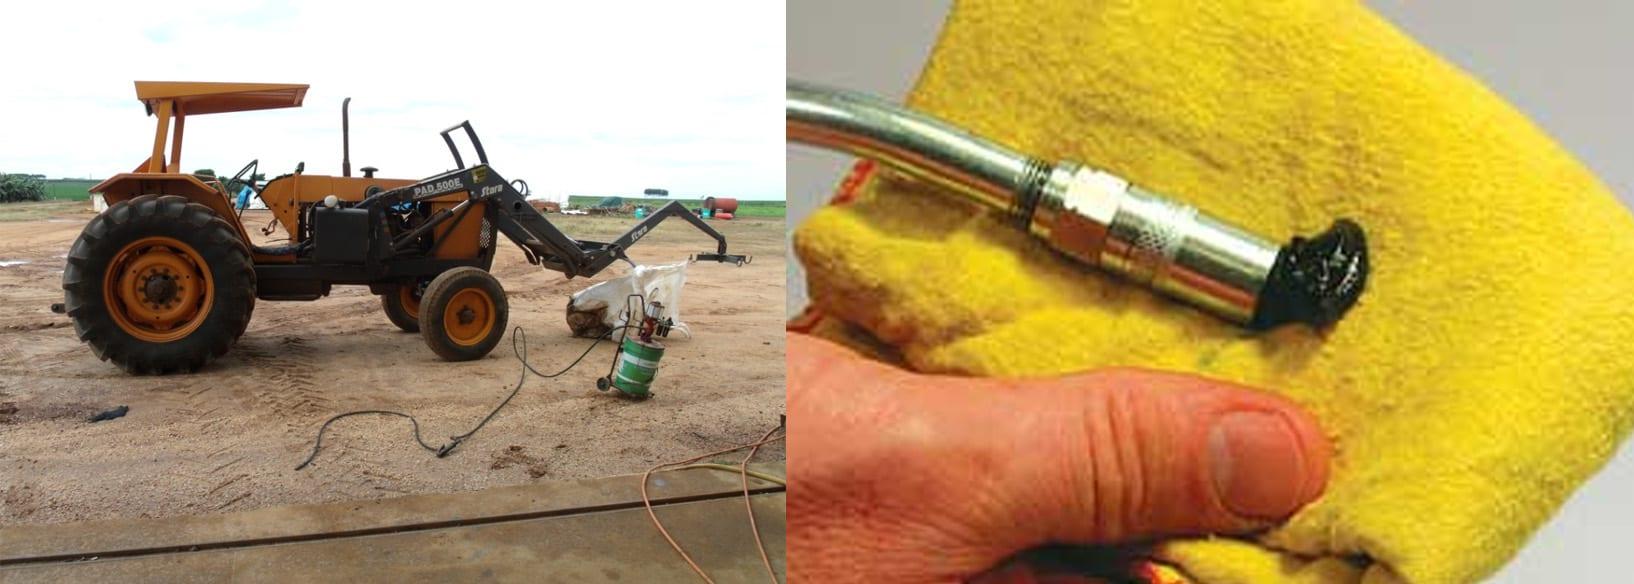 Figuras 9/10 - A limpeza é fundamental na operação de lubrificação à graxa